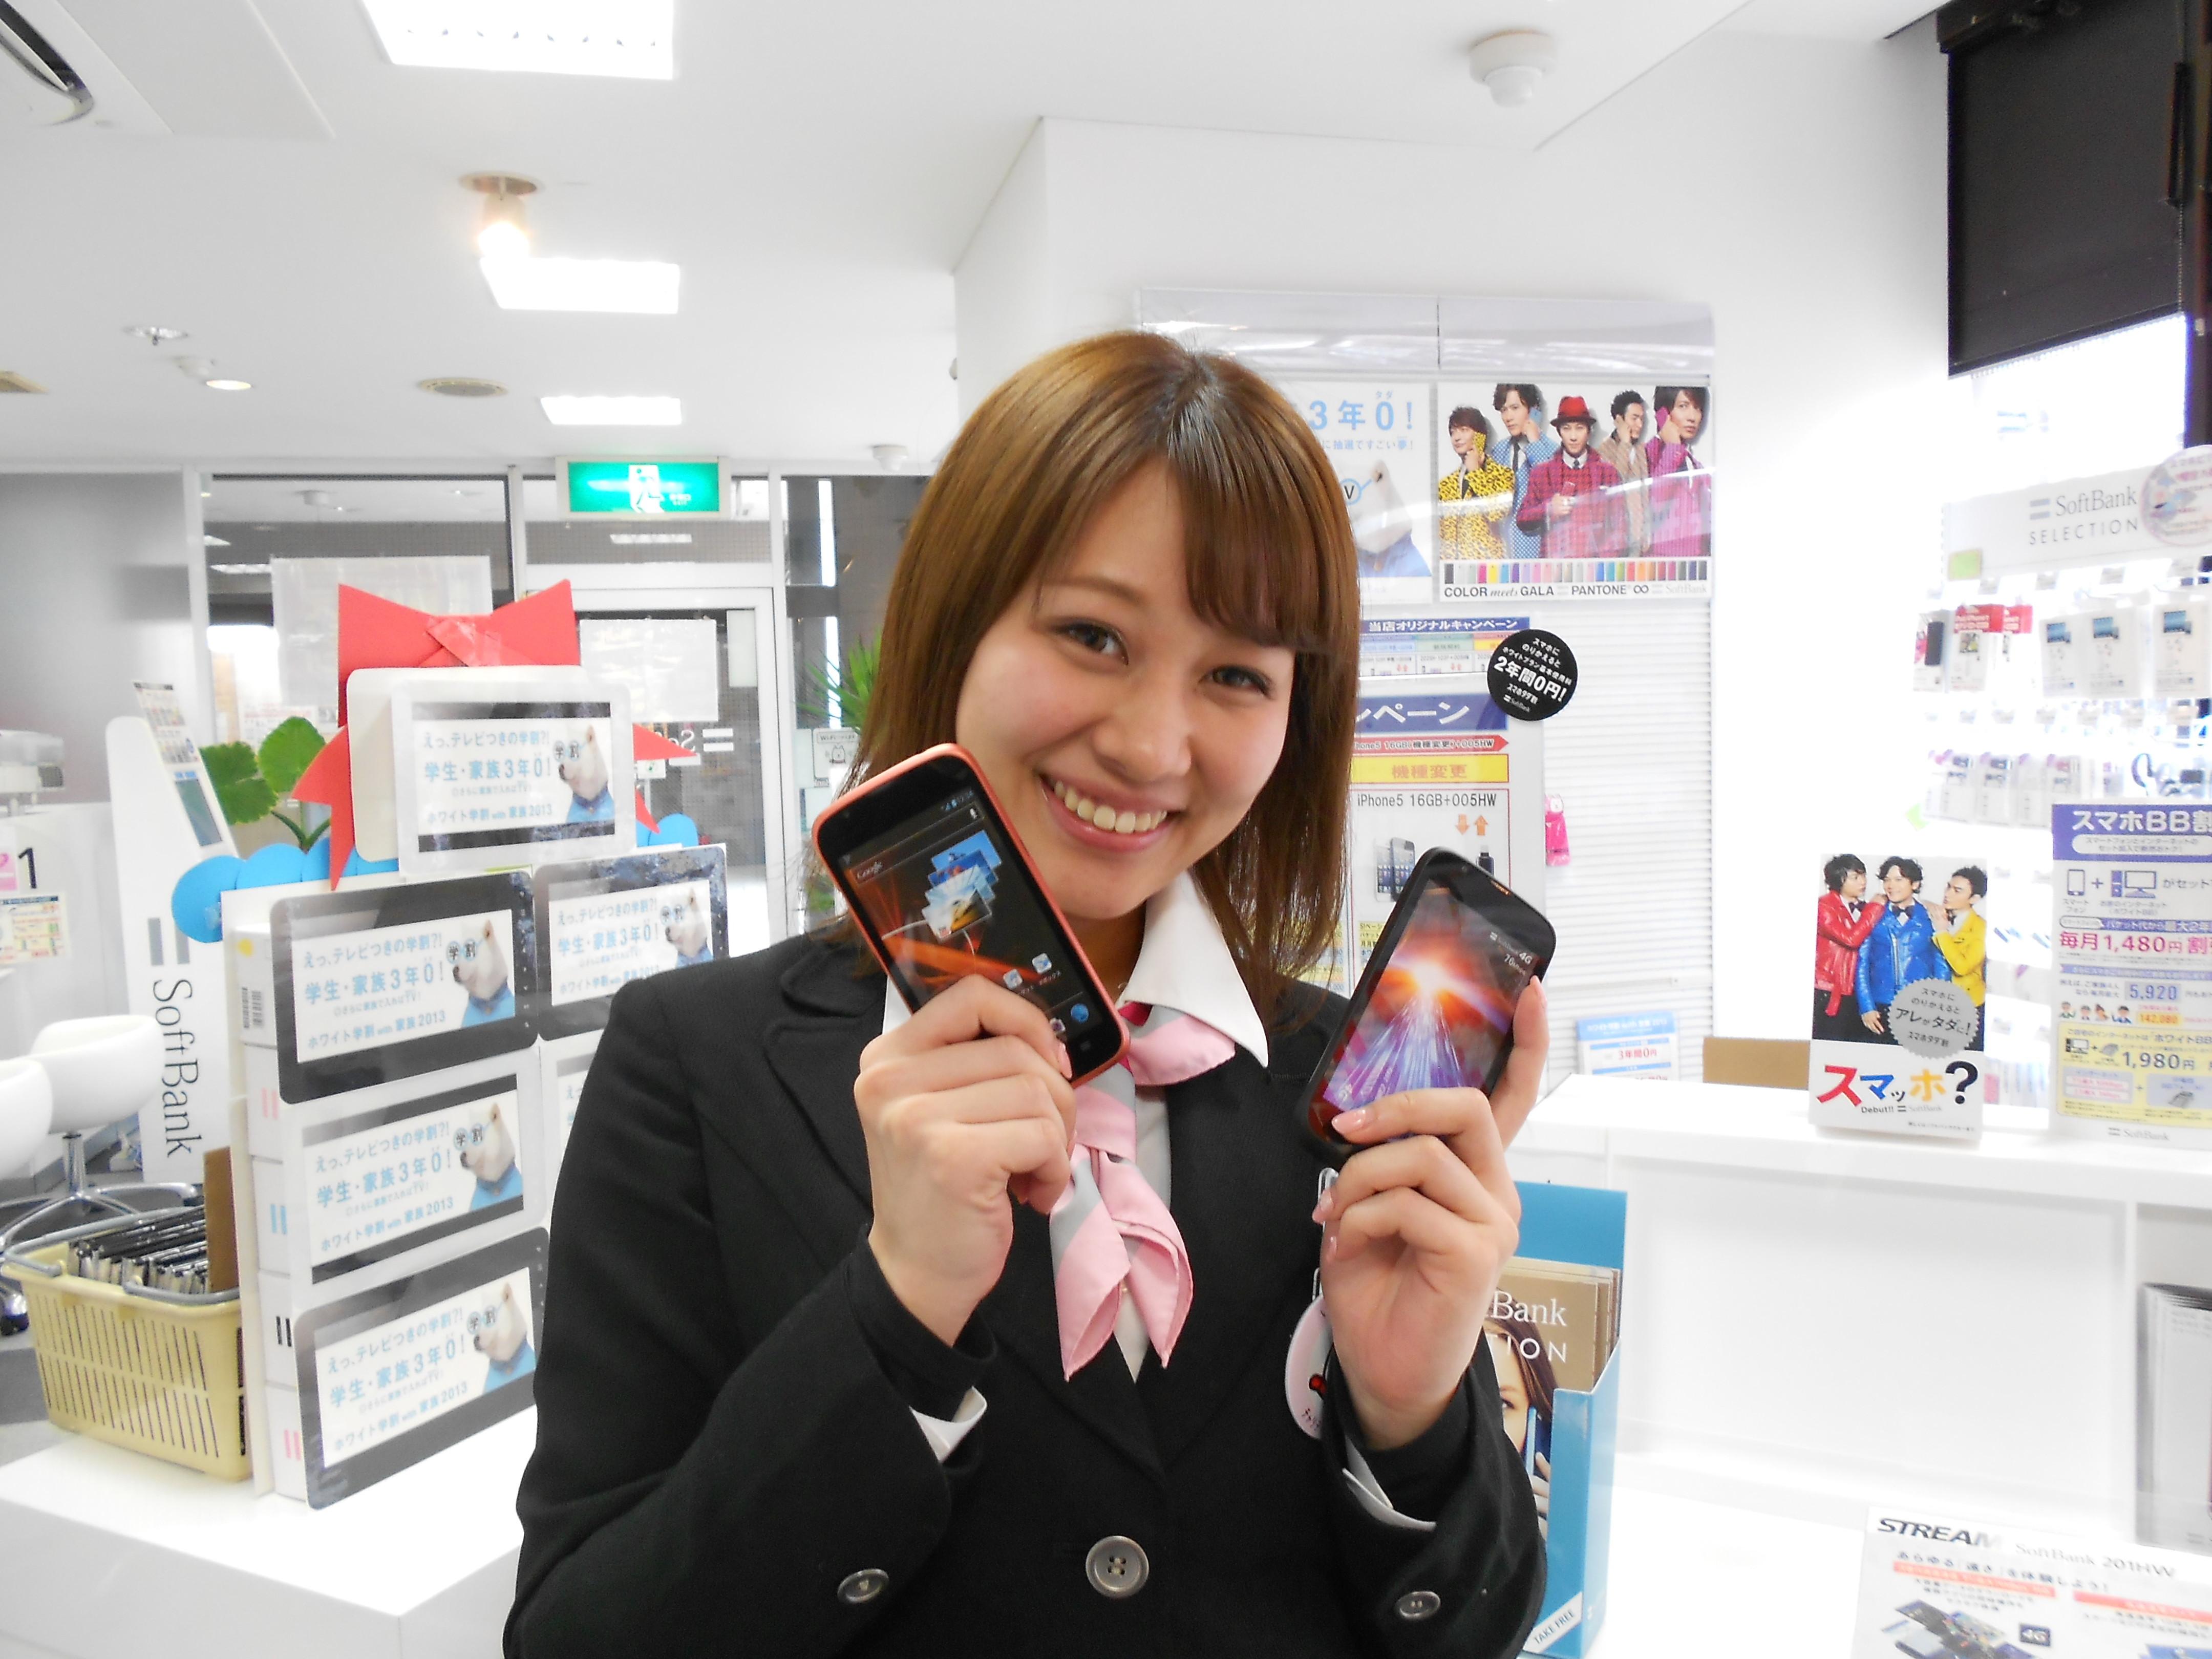 ワイモバイル プラザイオンモール高崎(株式会社シエロ)のアルバイト情報